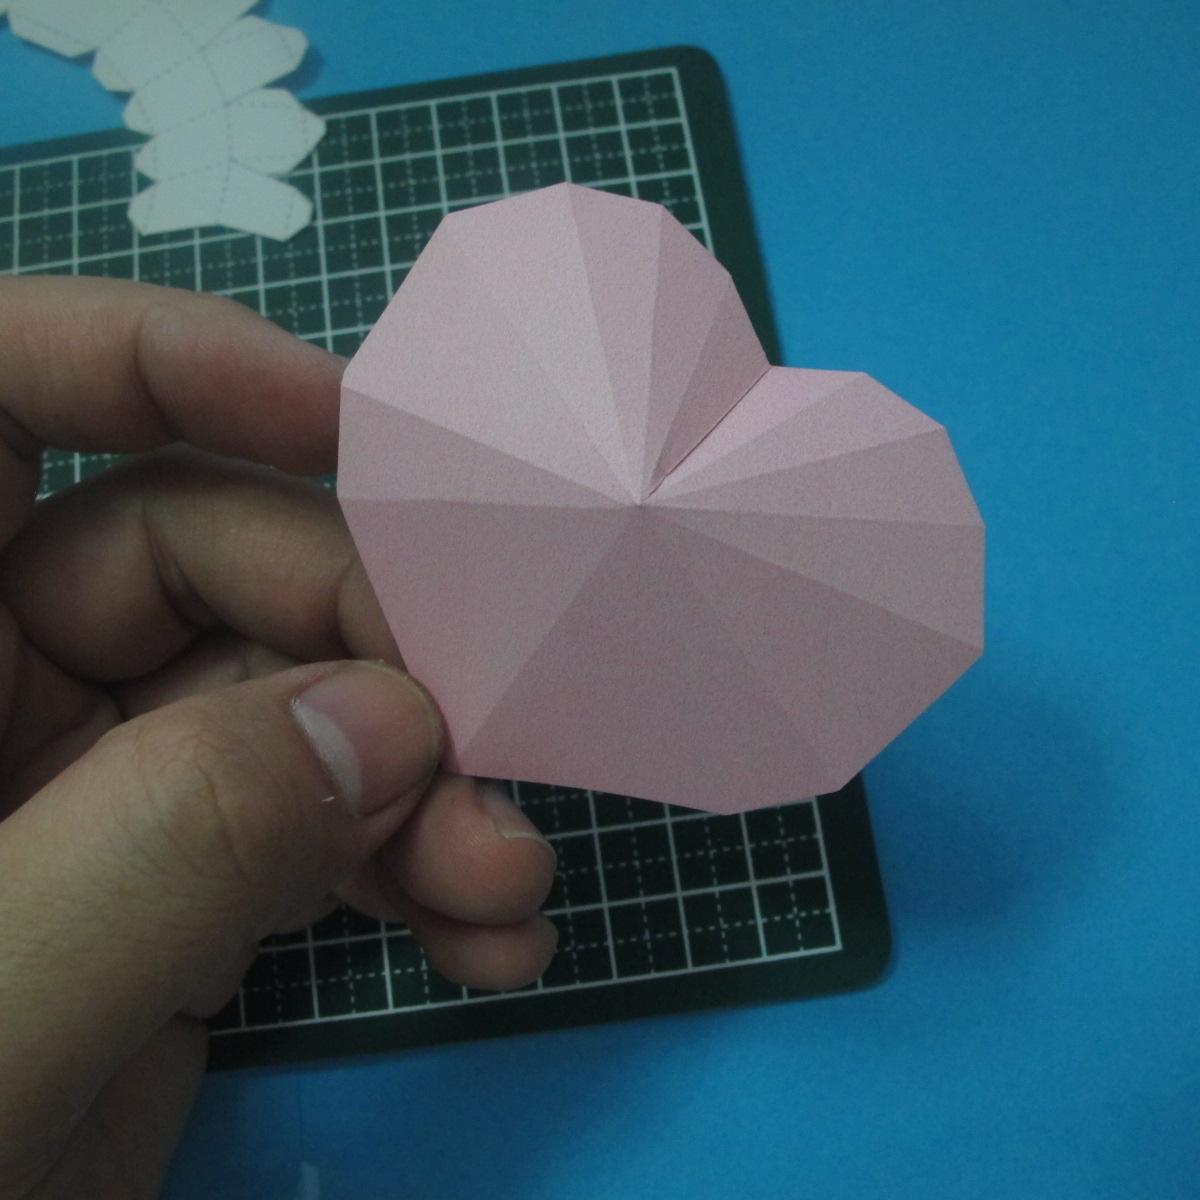 วิธีทำของเล่นโมเดลกระดาษรูปหัวใจ 005